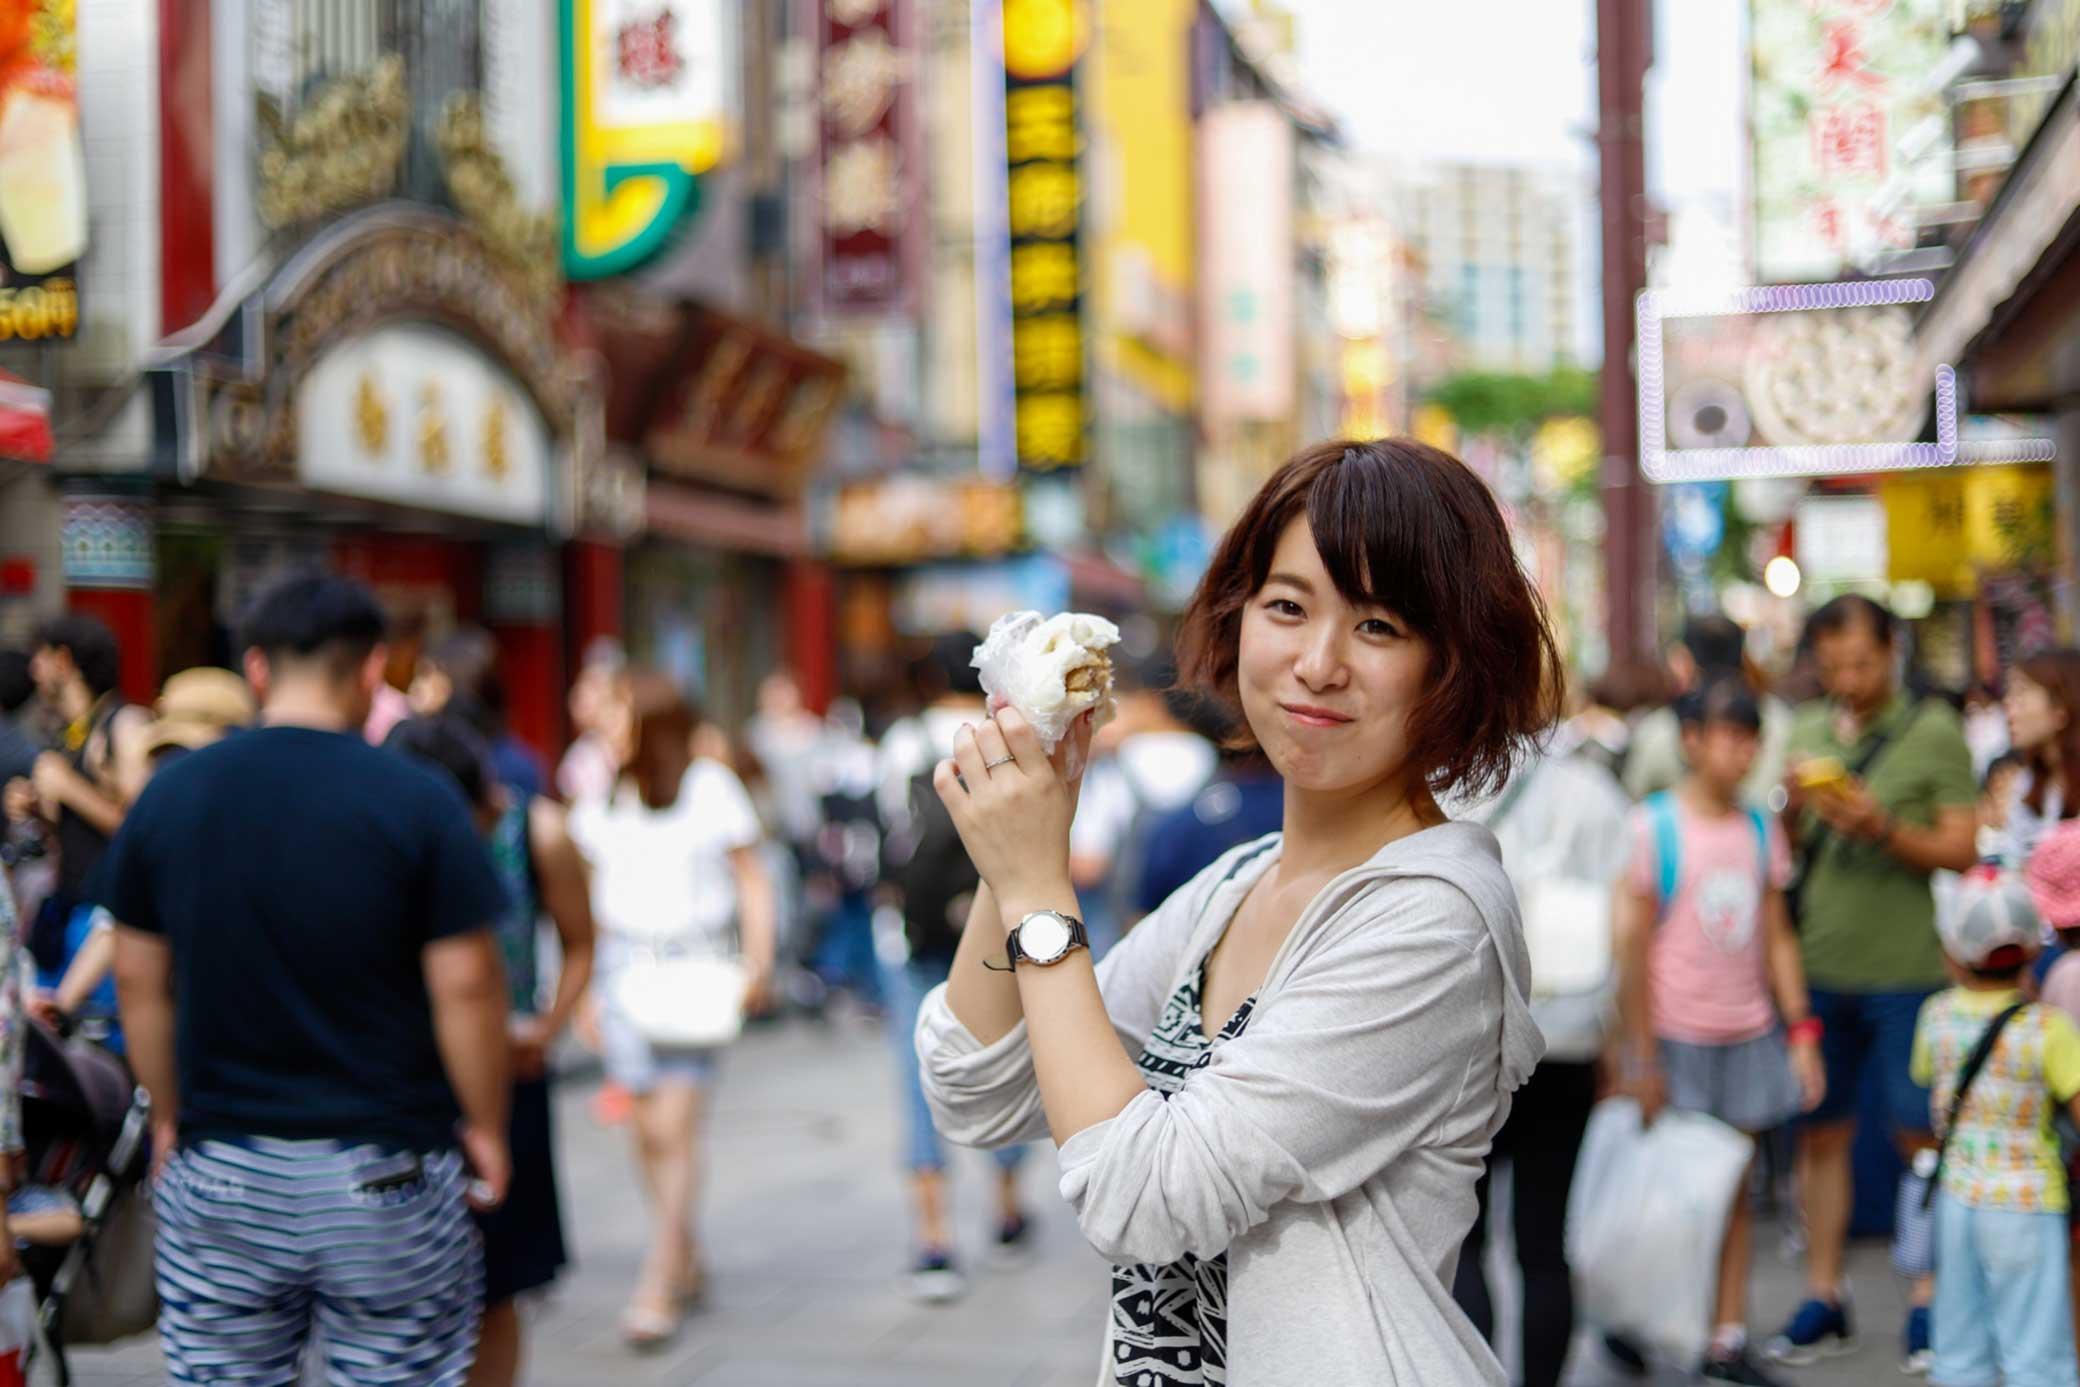 食べ歩きは中華街の醍醐味です